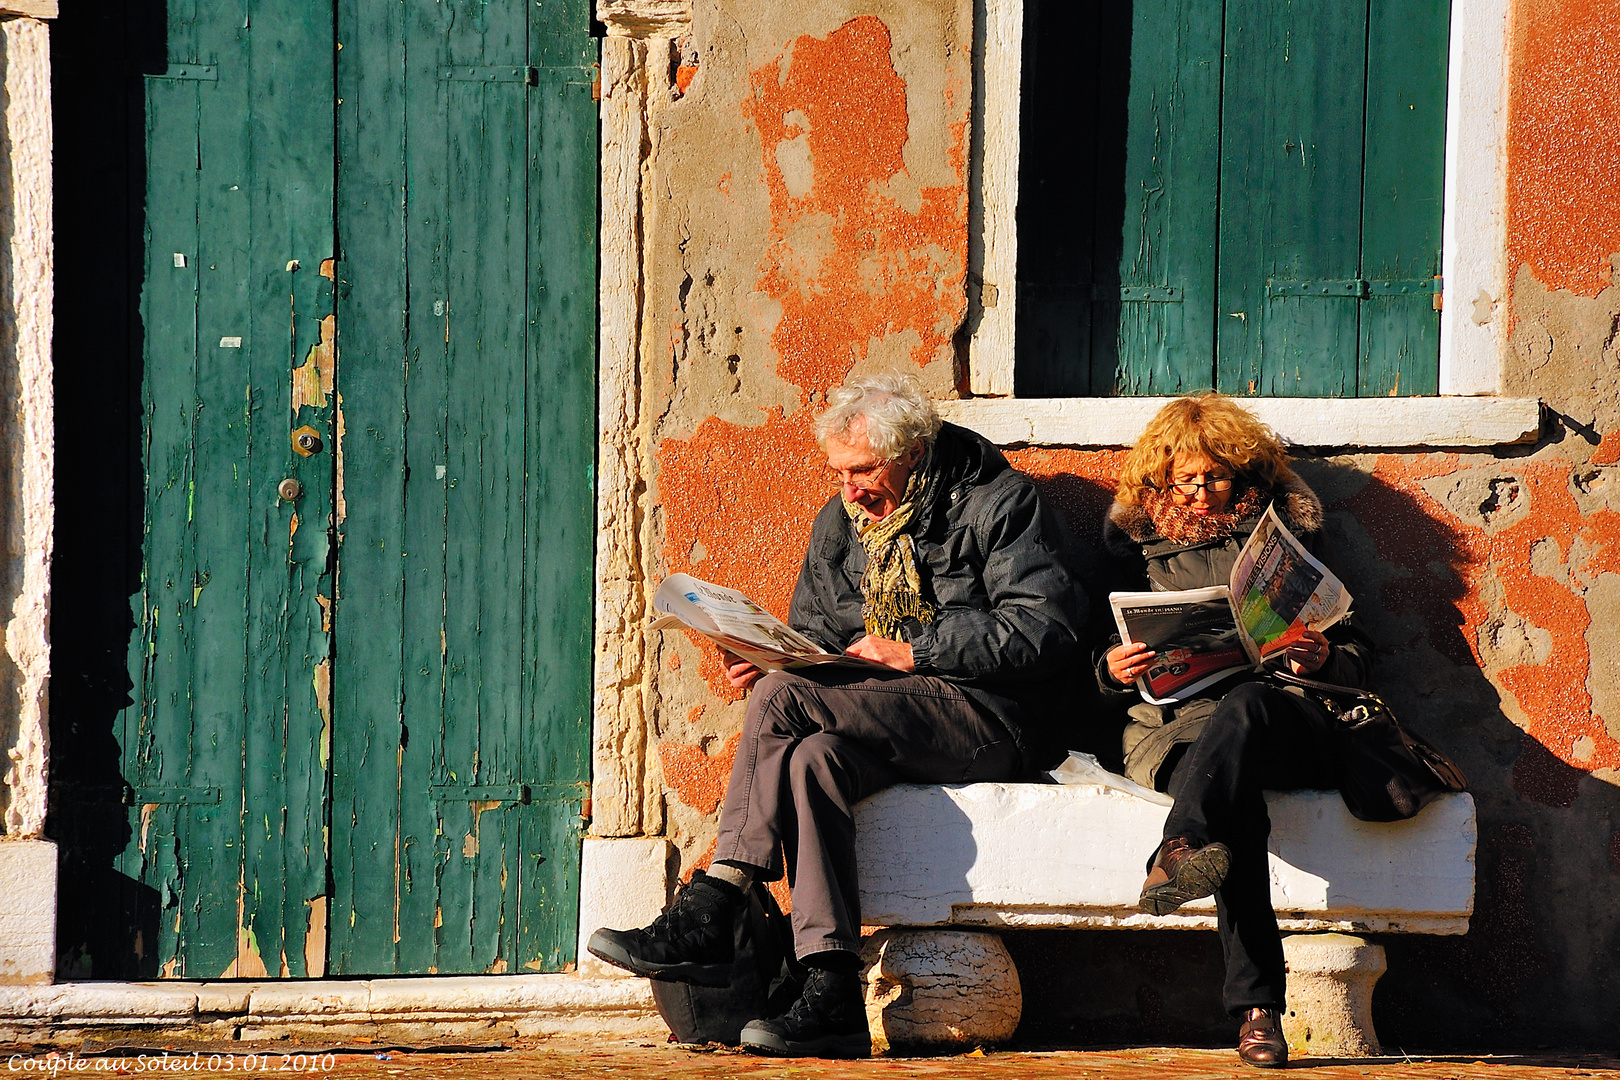 Couple au Soleil (03.01.2010)